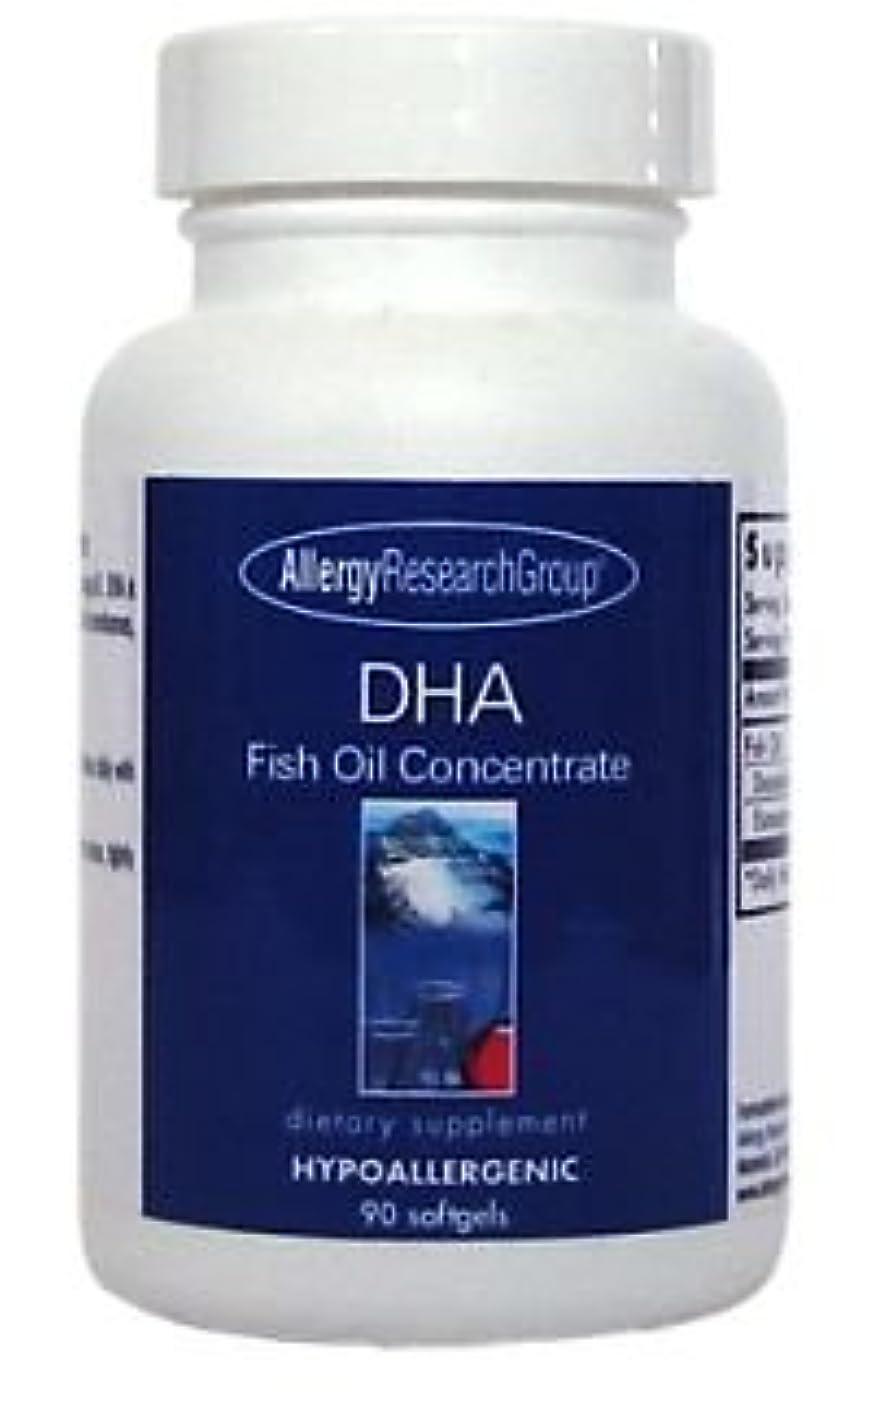 気になる宣伝騒ぎDHA + EPA サプリメント 水銀除去済 サプリ 無添加 90粒45-30日分x2本【海外直送品】